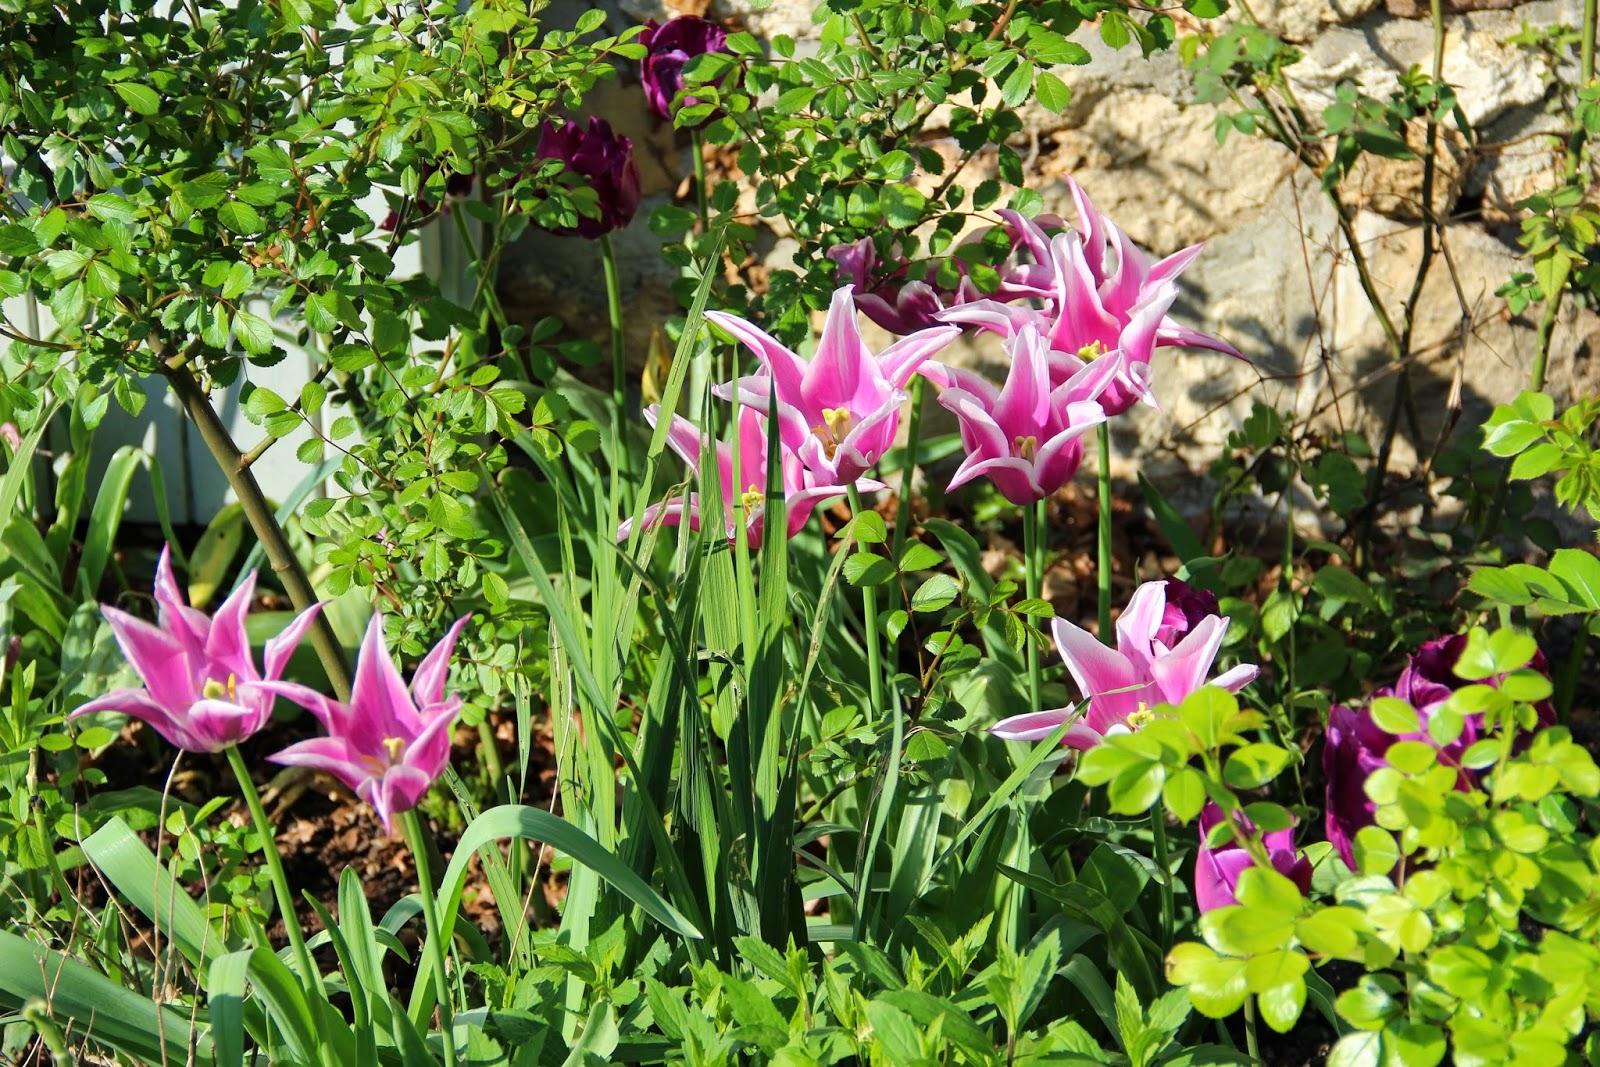 Derri re les murs de mon jardin les reines du premier printemps - Derriere les murs de mon jardin ...